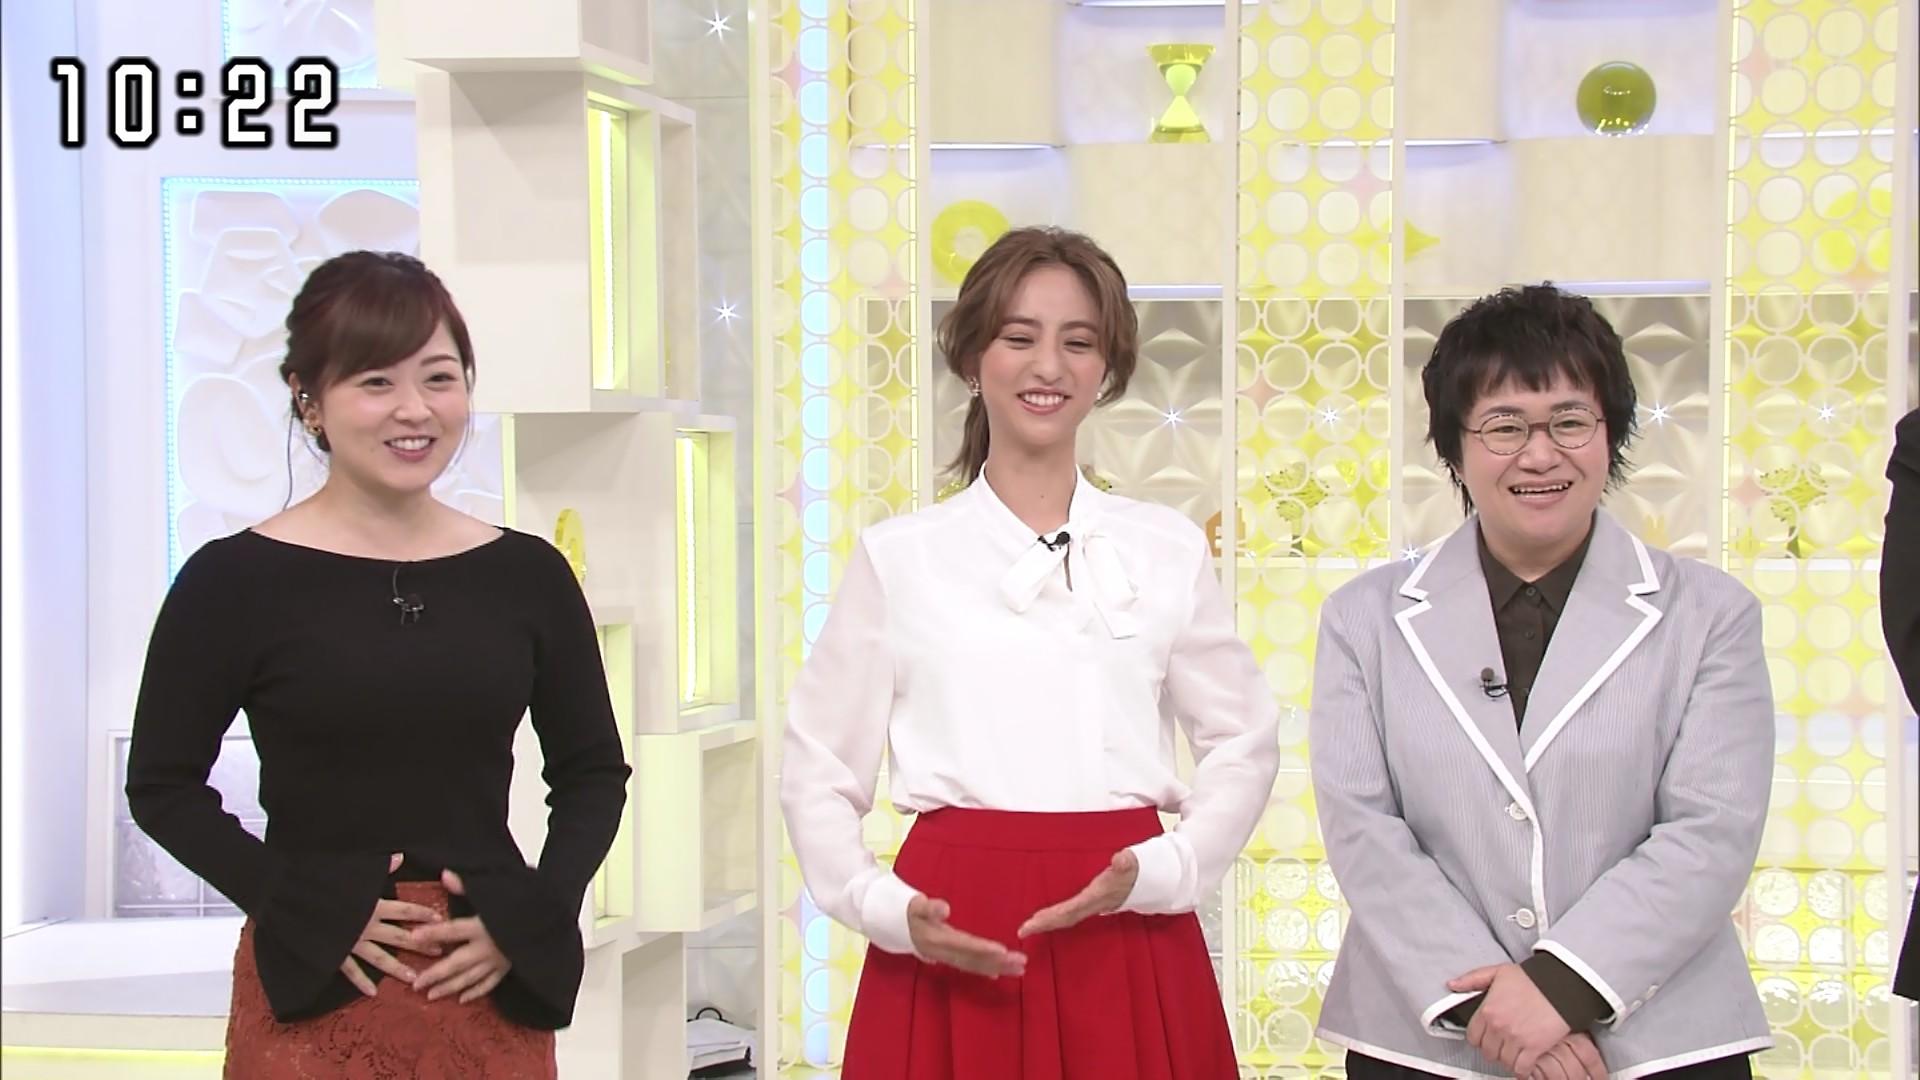 2019年9月19日に放送された「スッキリ」に出演した水卜麻美さんのテレビキャプチャー画像-062